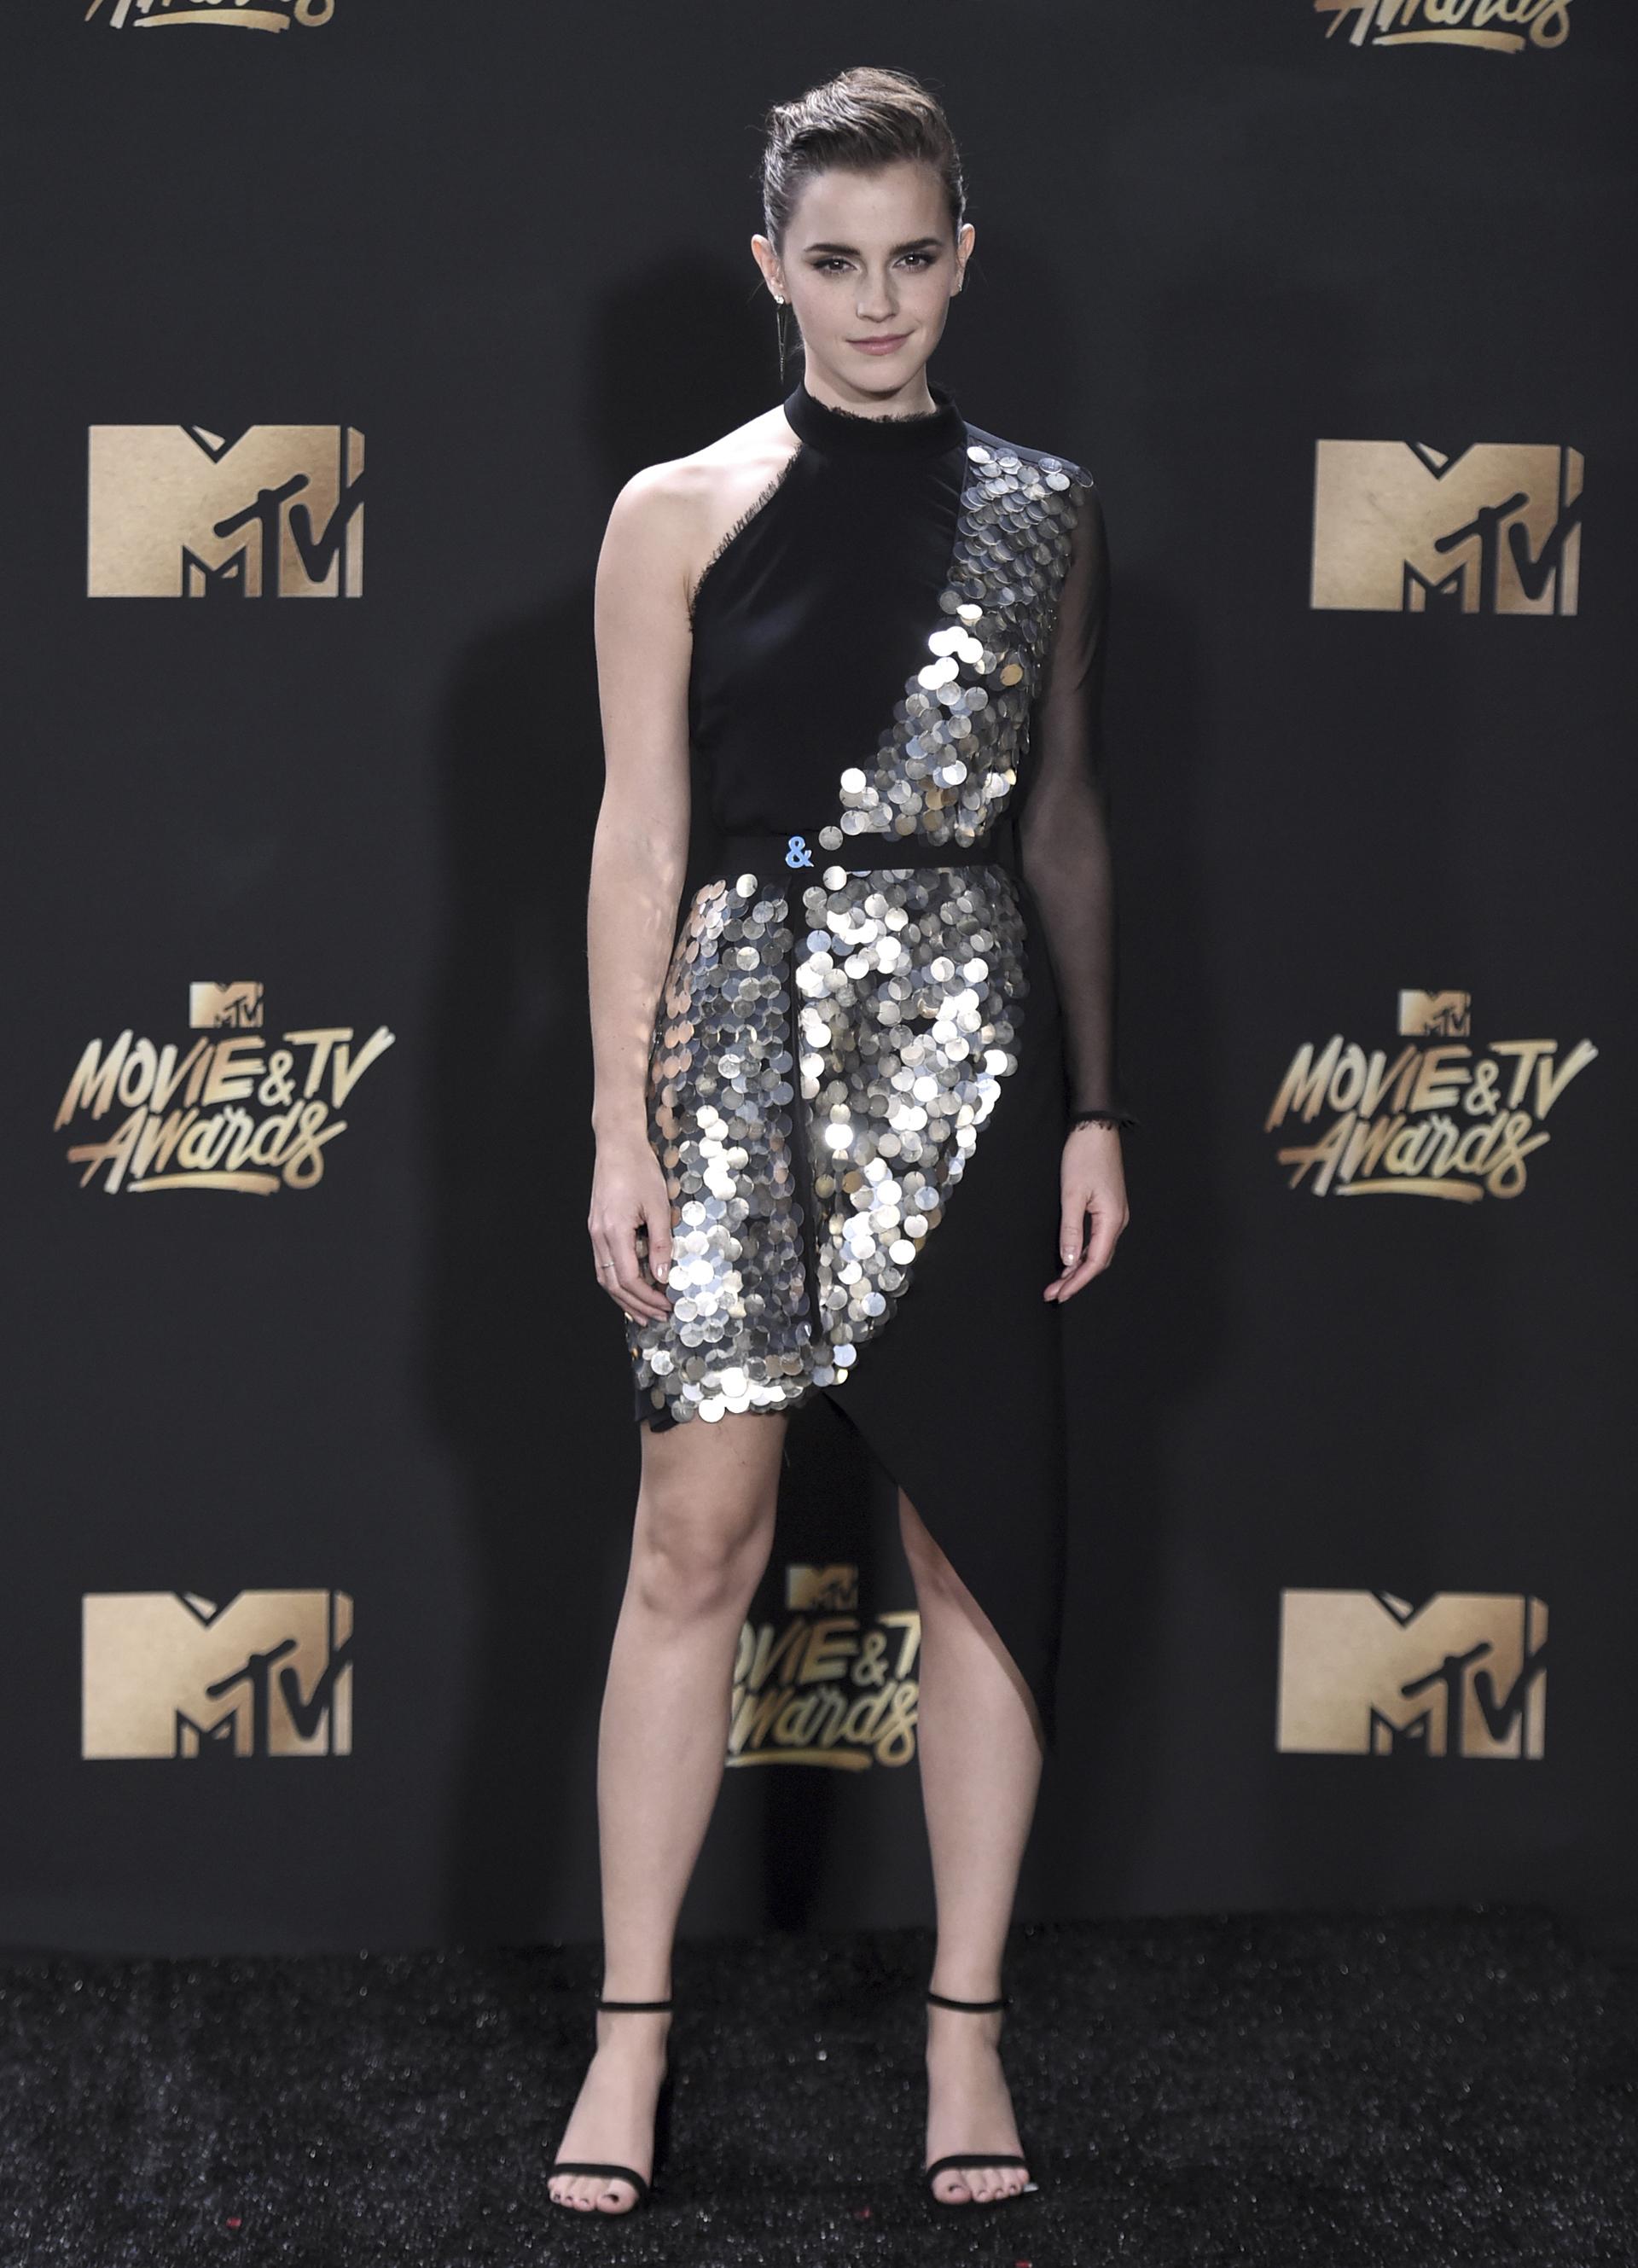 Emma Watson deslumbró en la premiación y también en la alfombra roja, fiel a su estilo clásico con detalles en plateado (Richard Shotwell/Invision/AP)